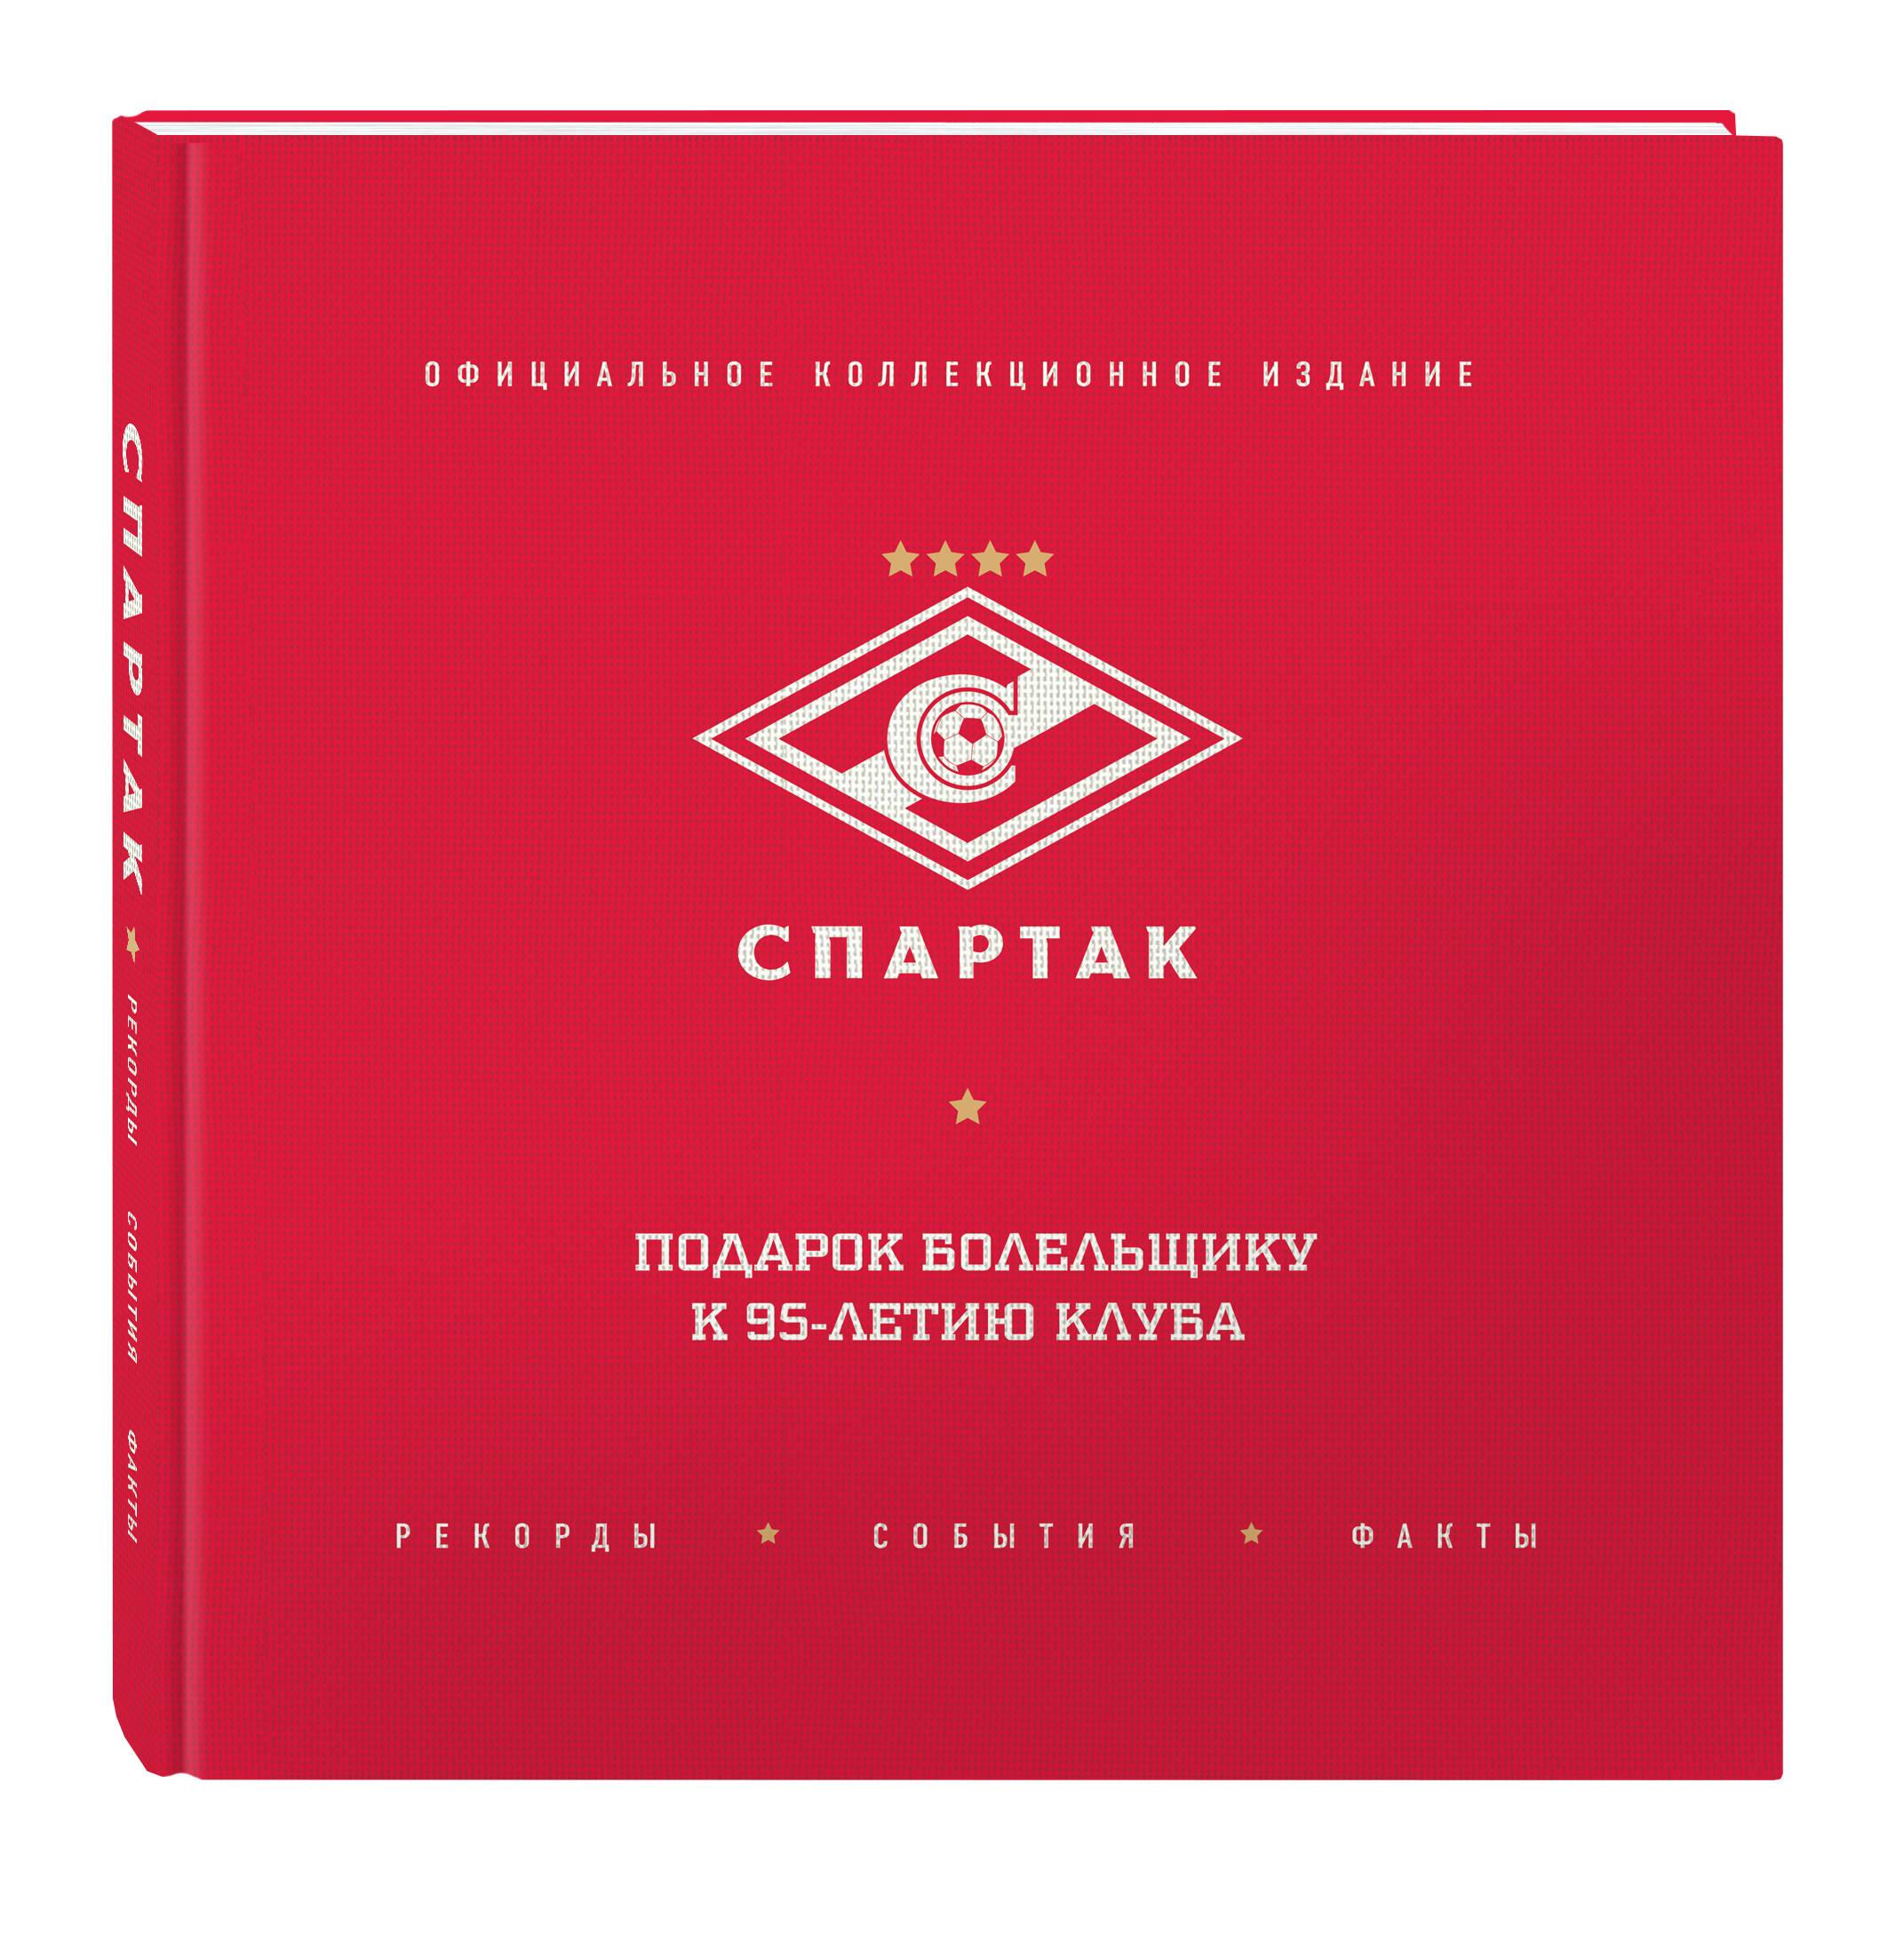 Спартак: рекорды, события, факты. Официальное коллекционное издание пк коллекционное издание в таганроге